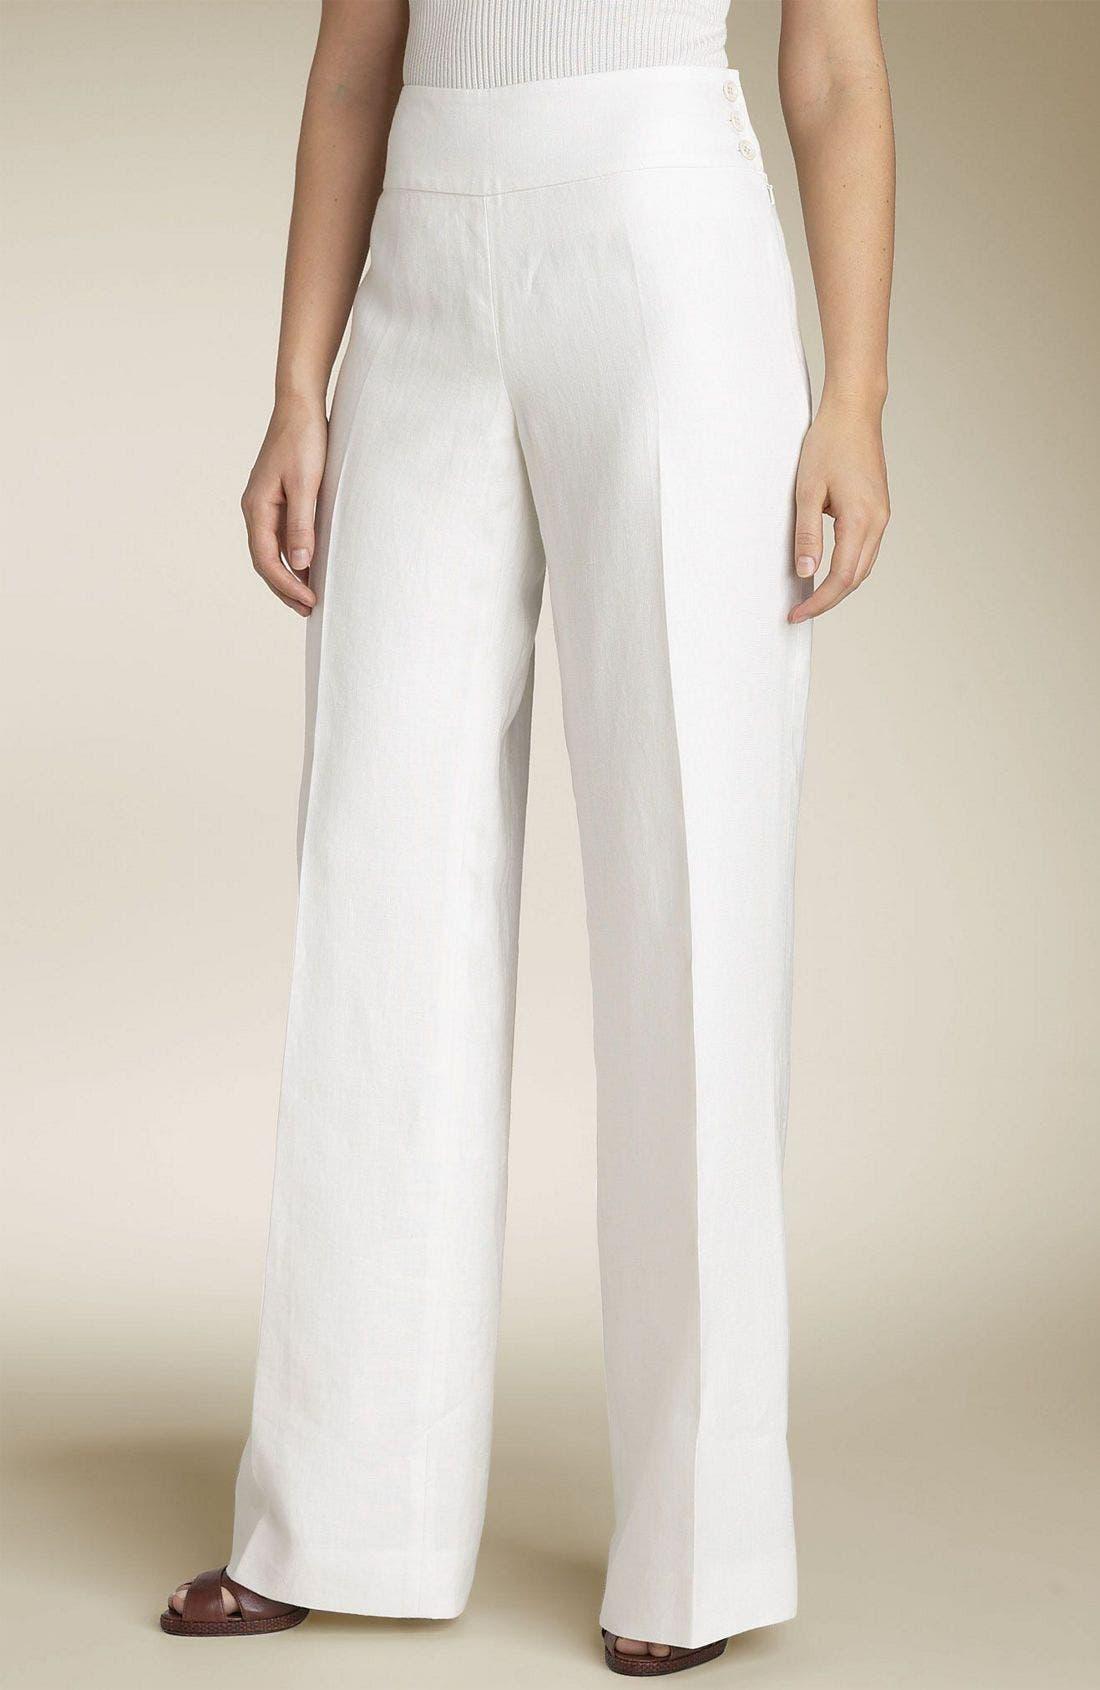 Lauren by Ralph Lauren Linen Pants,                             Main thumbnail 1, color,                             CCV